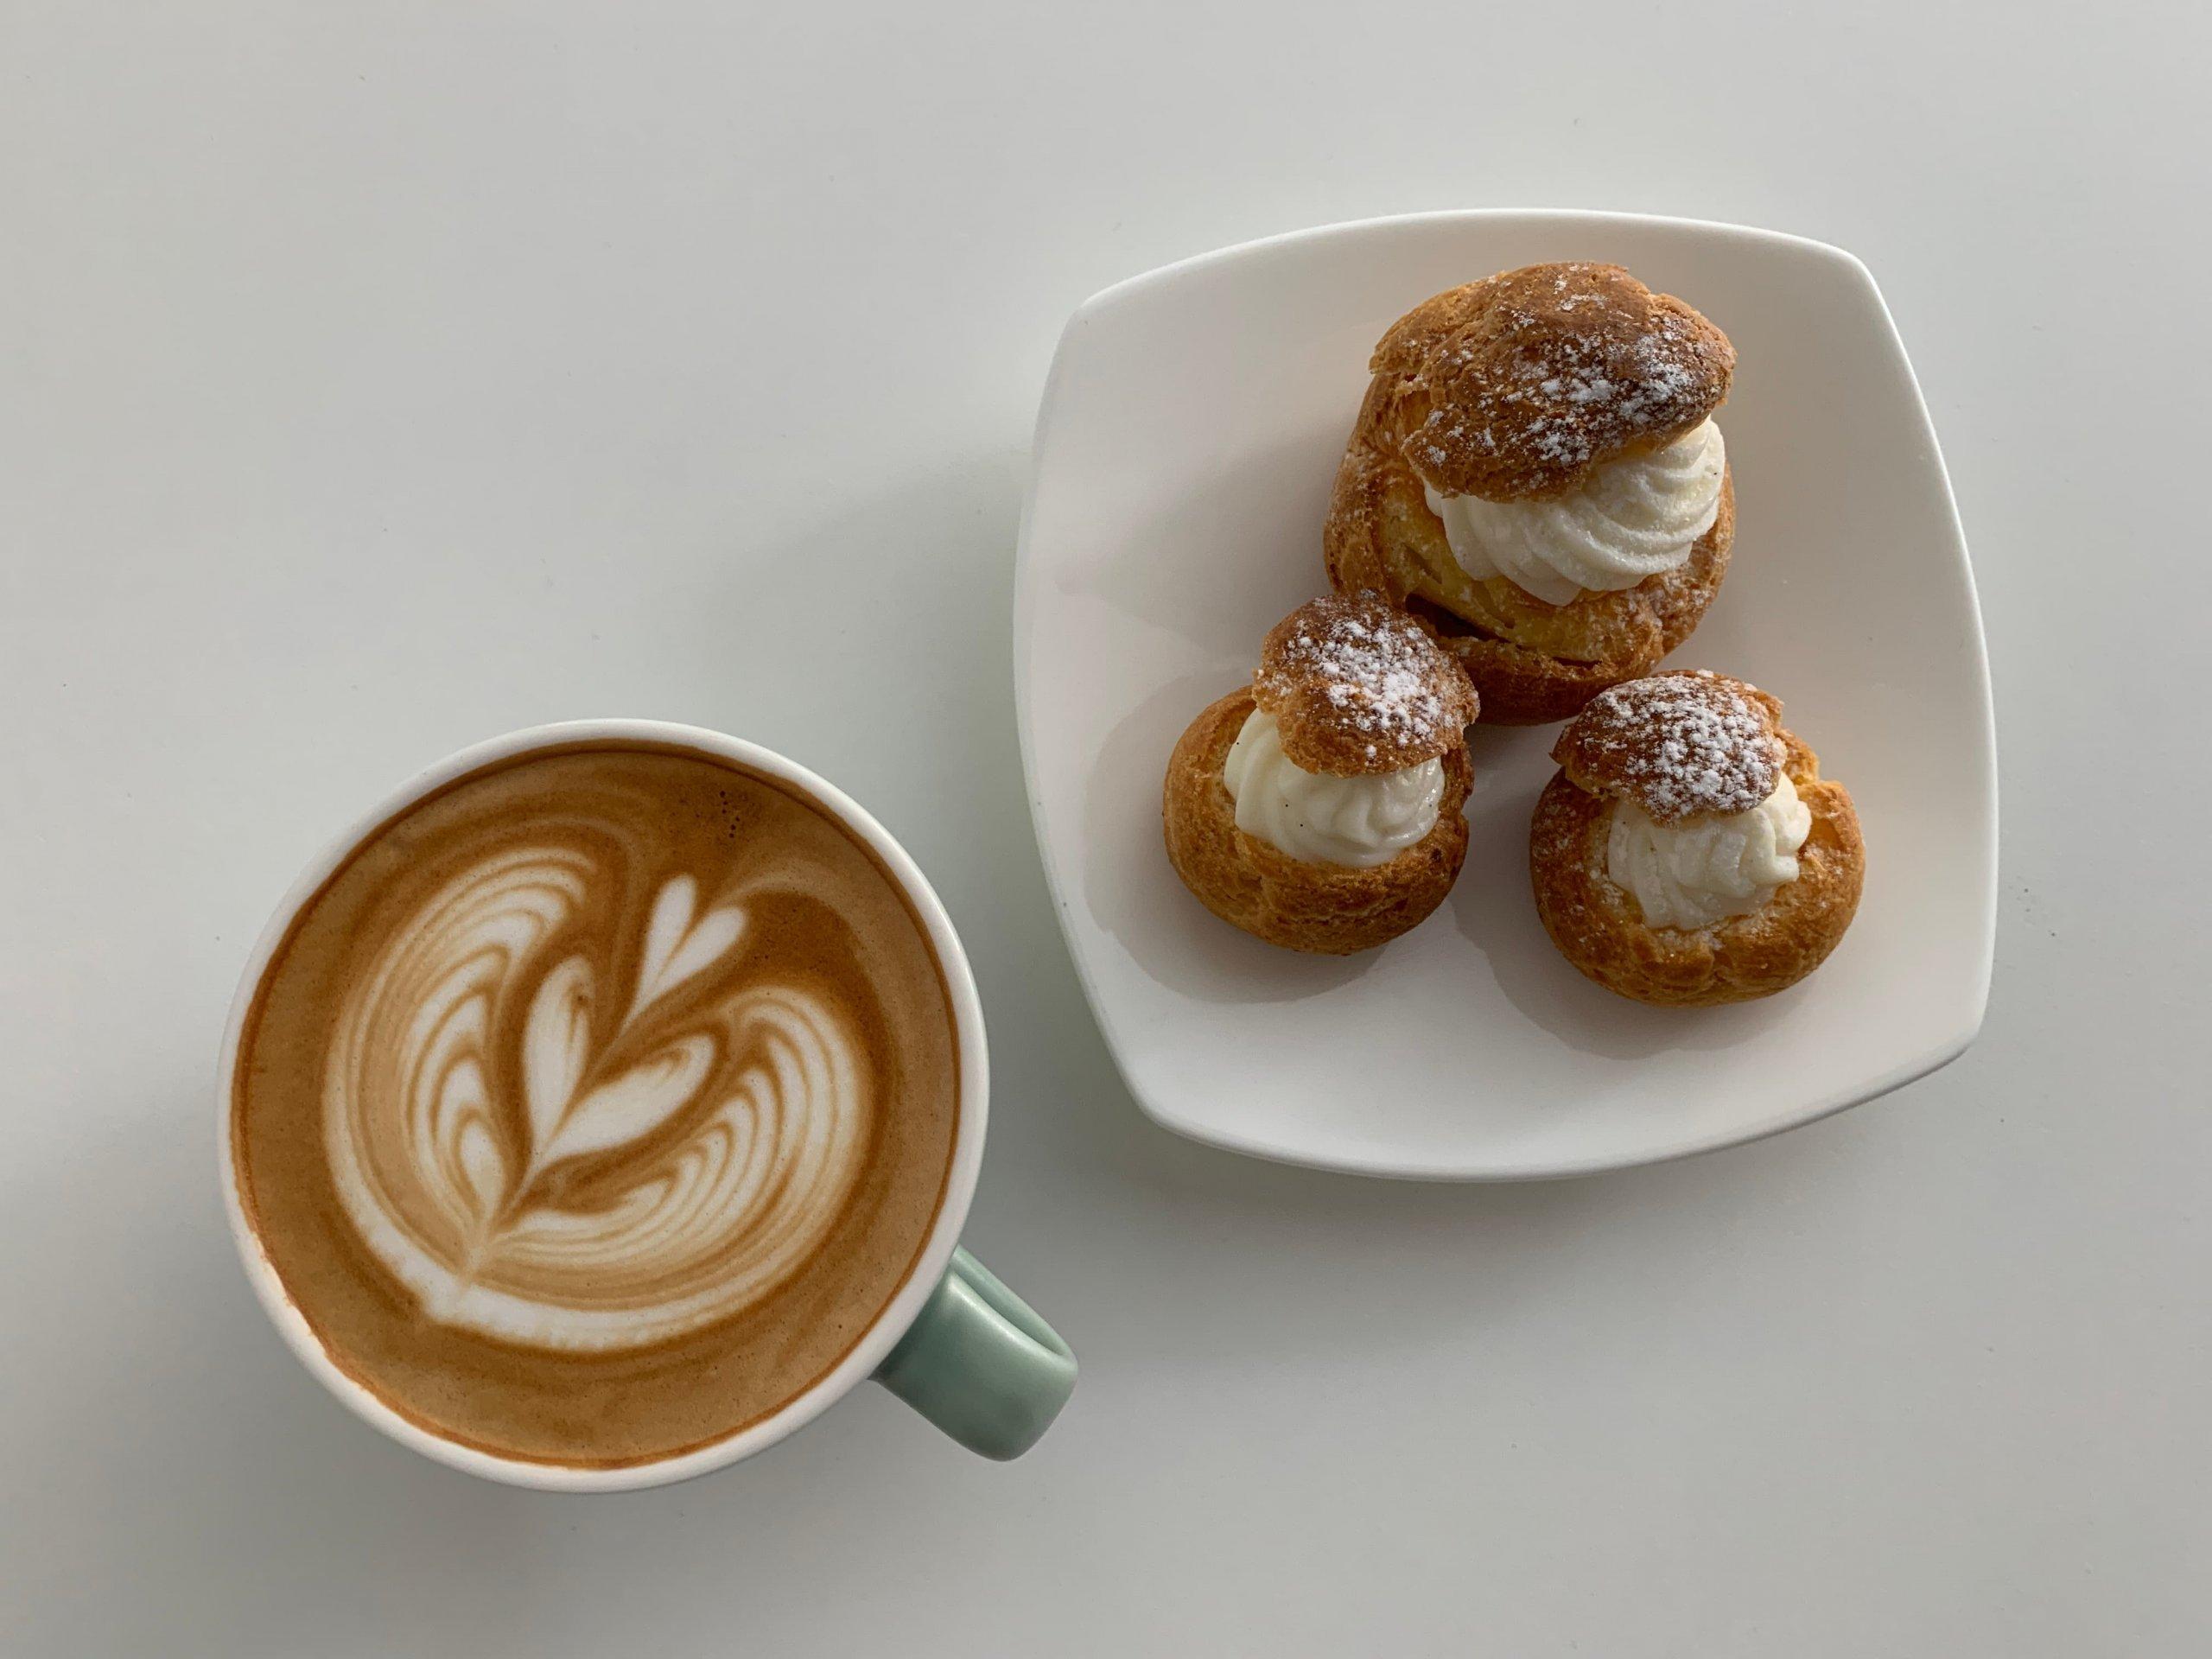 コーヒーと「天使のシュークリーム」